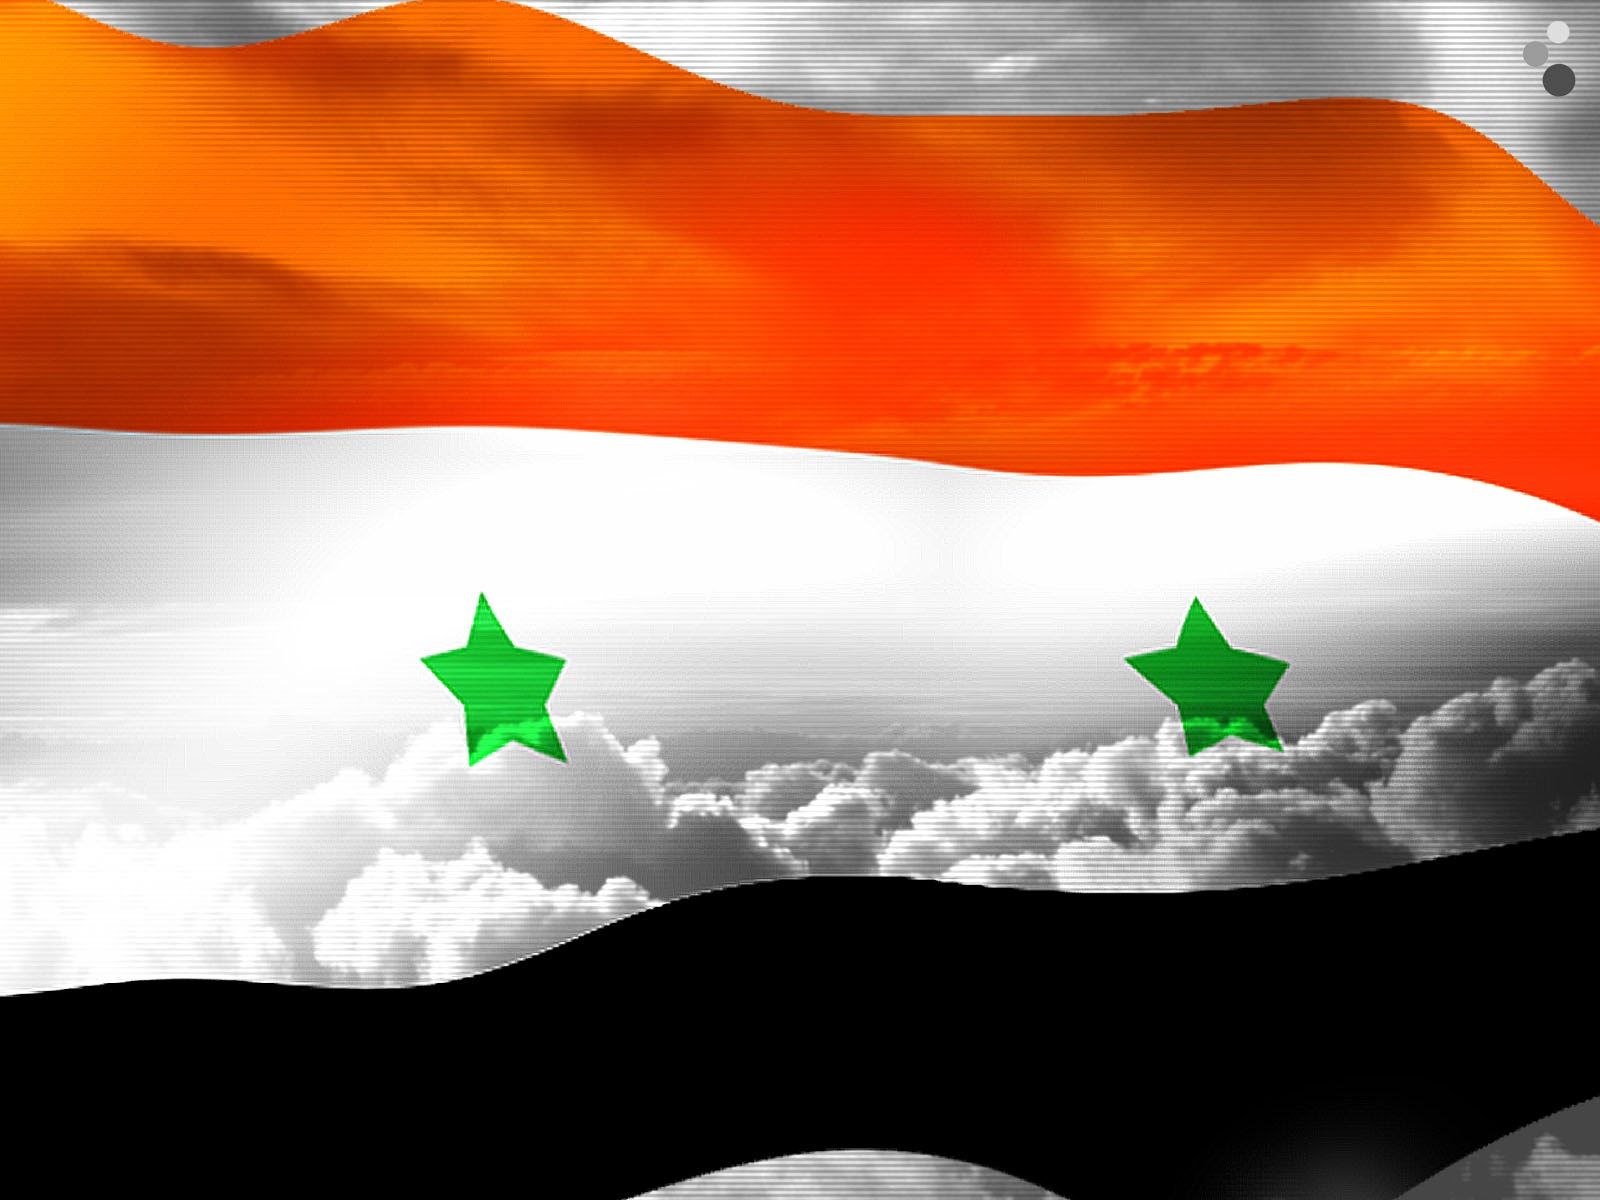 بالصور صور عن سوريا , سوريا وصور نادره لها 5957 8